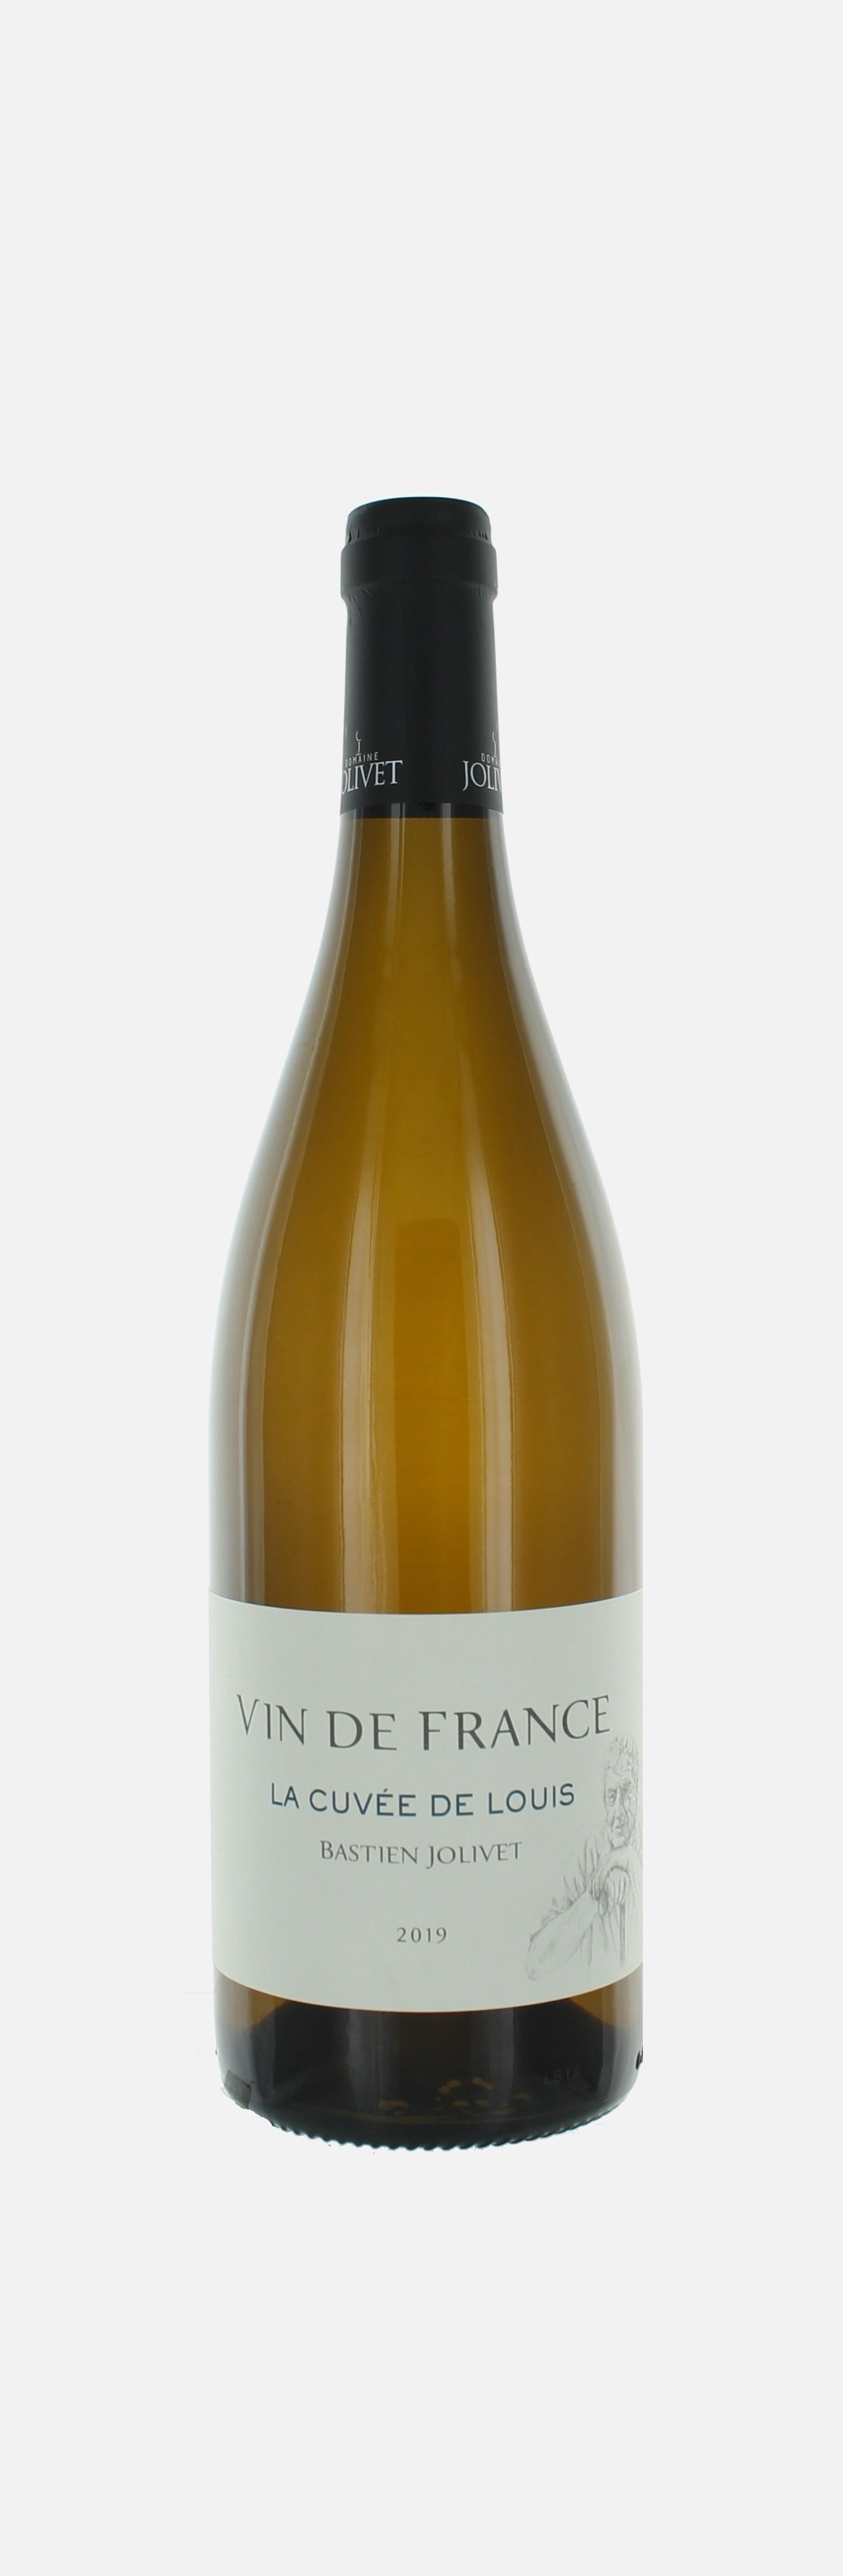 La Cuvée de Louis, Vin de France, Dom. Jolivet